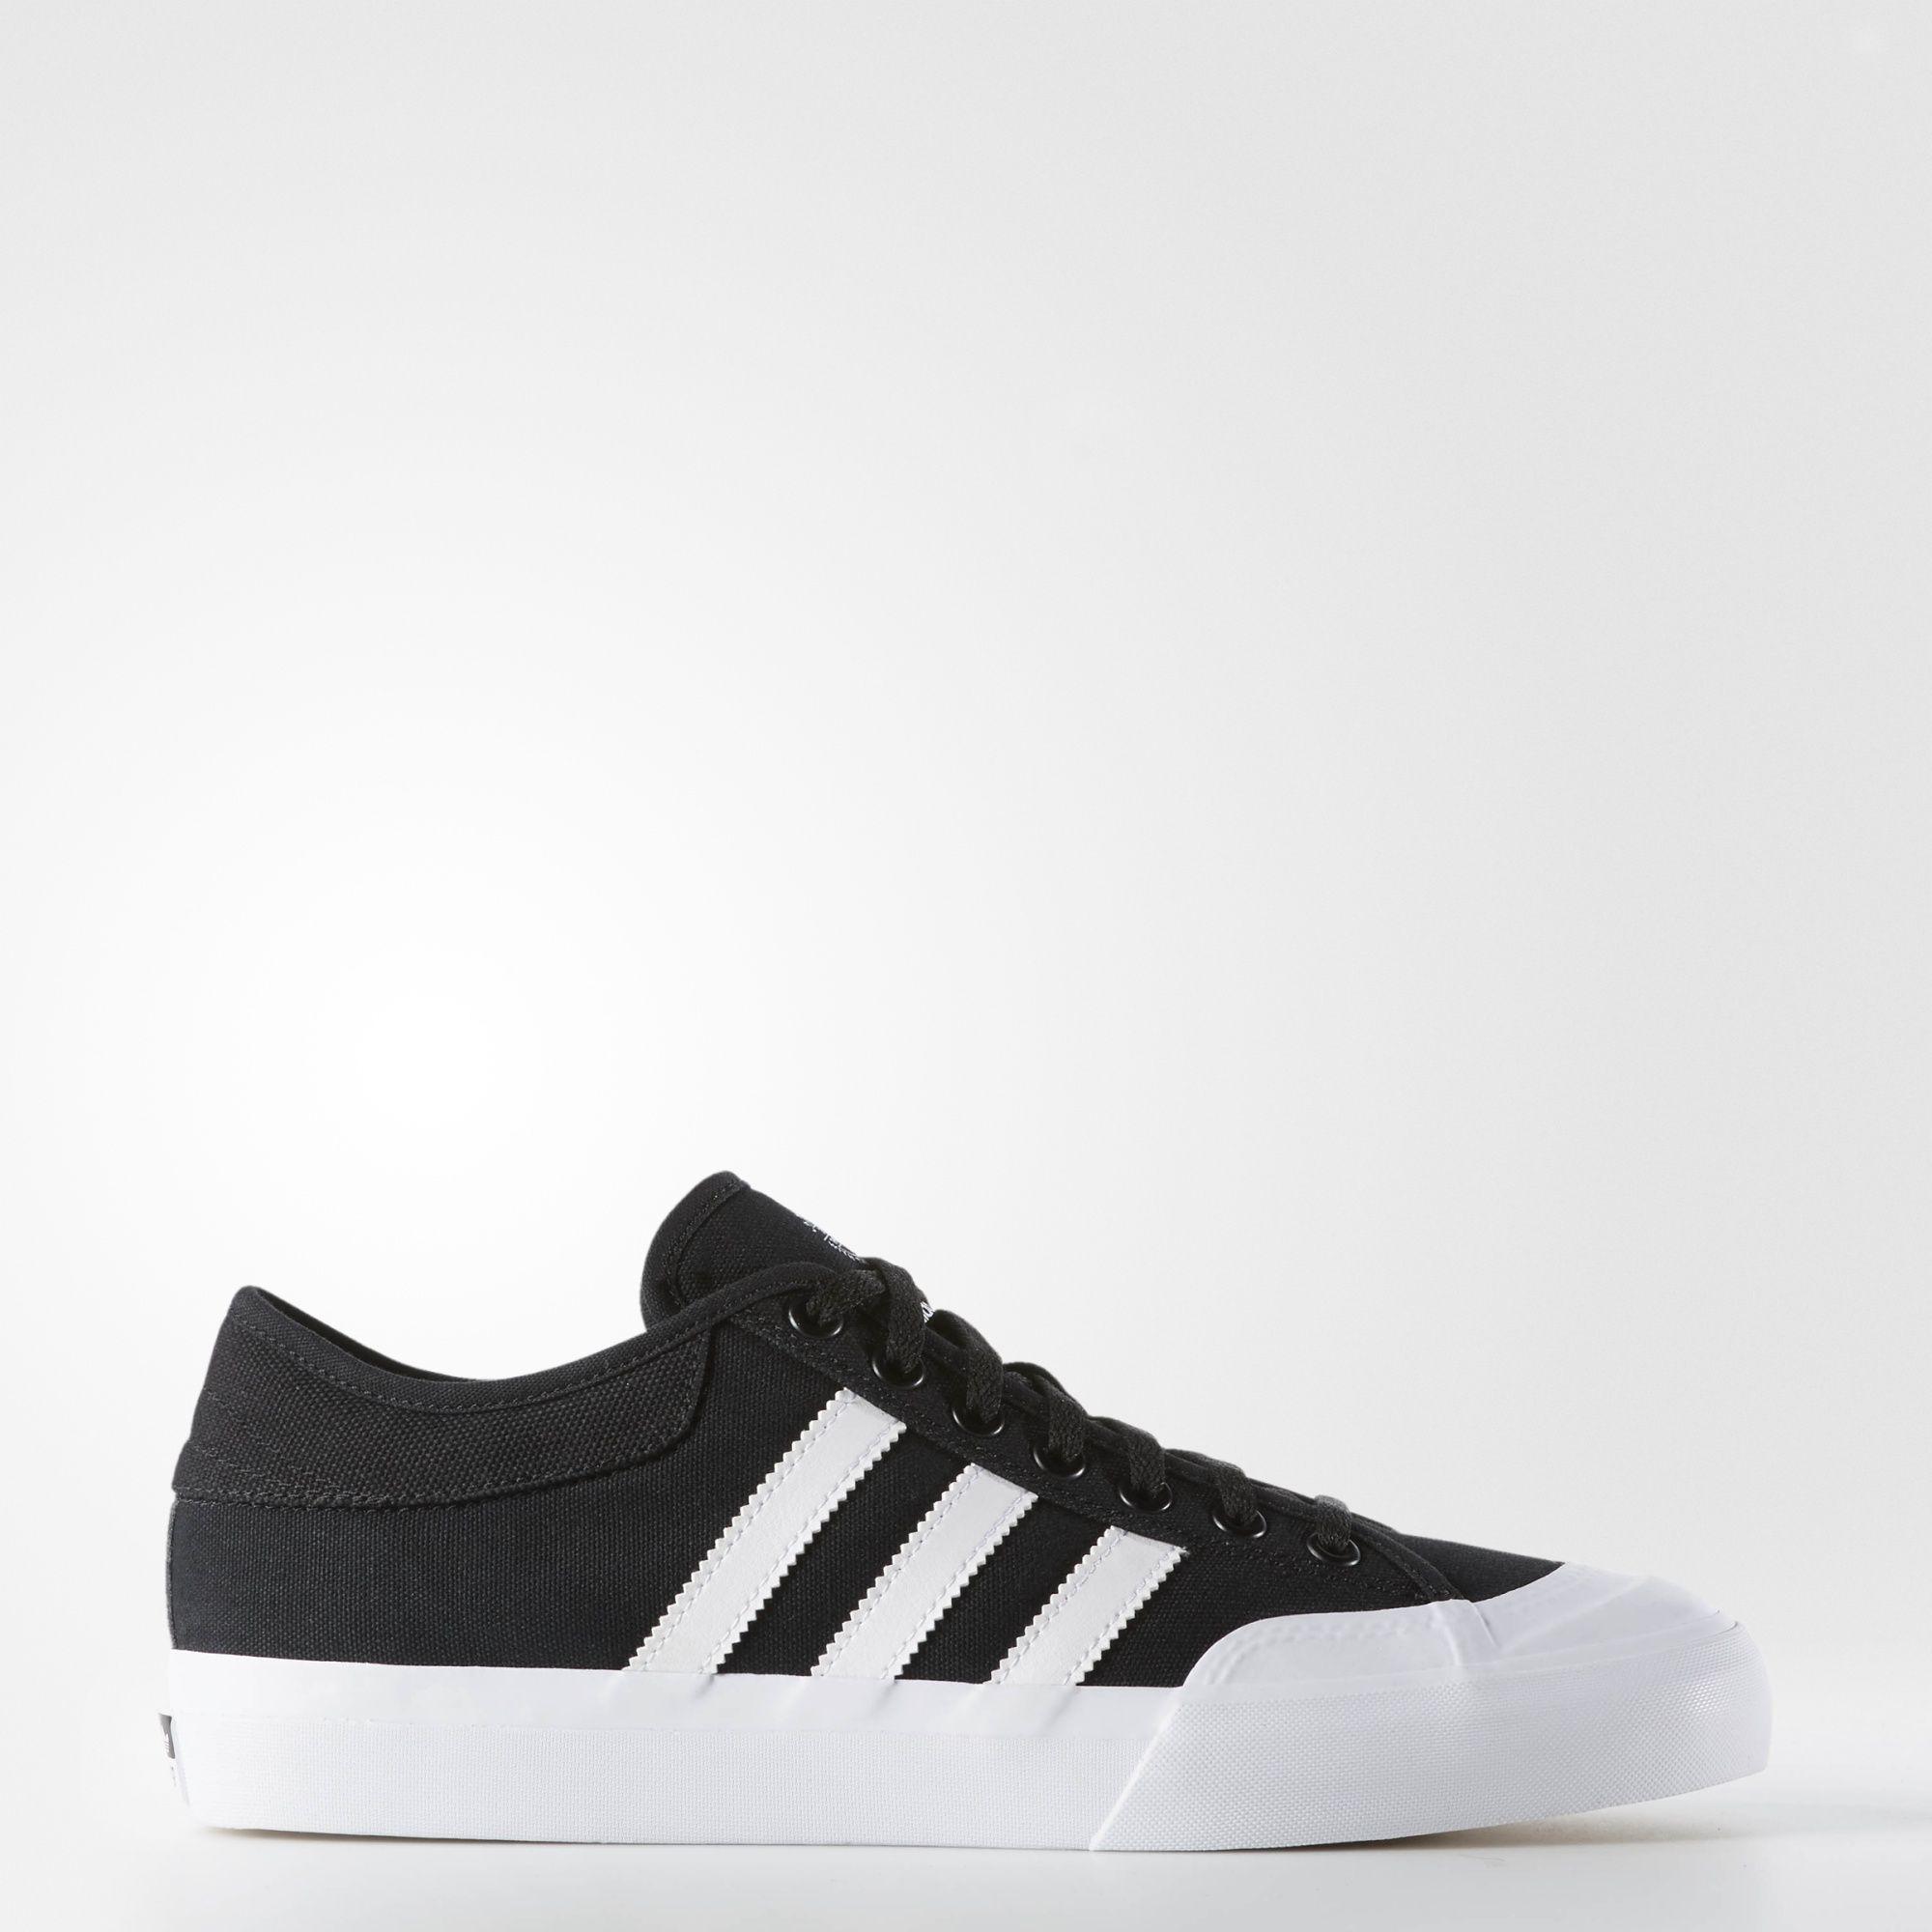 Neueste Style Billige Adidas Matchcourt Schuhe Adidas Herren